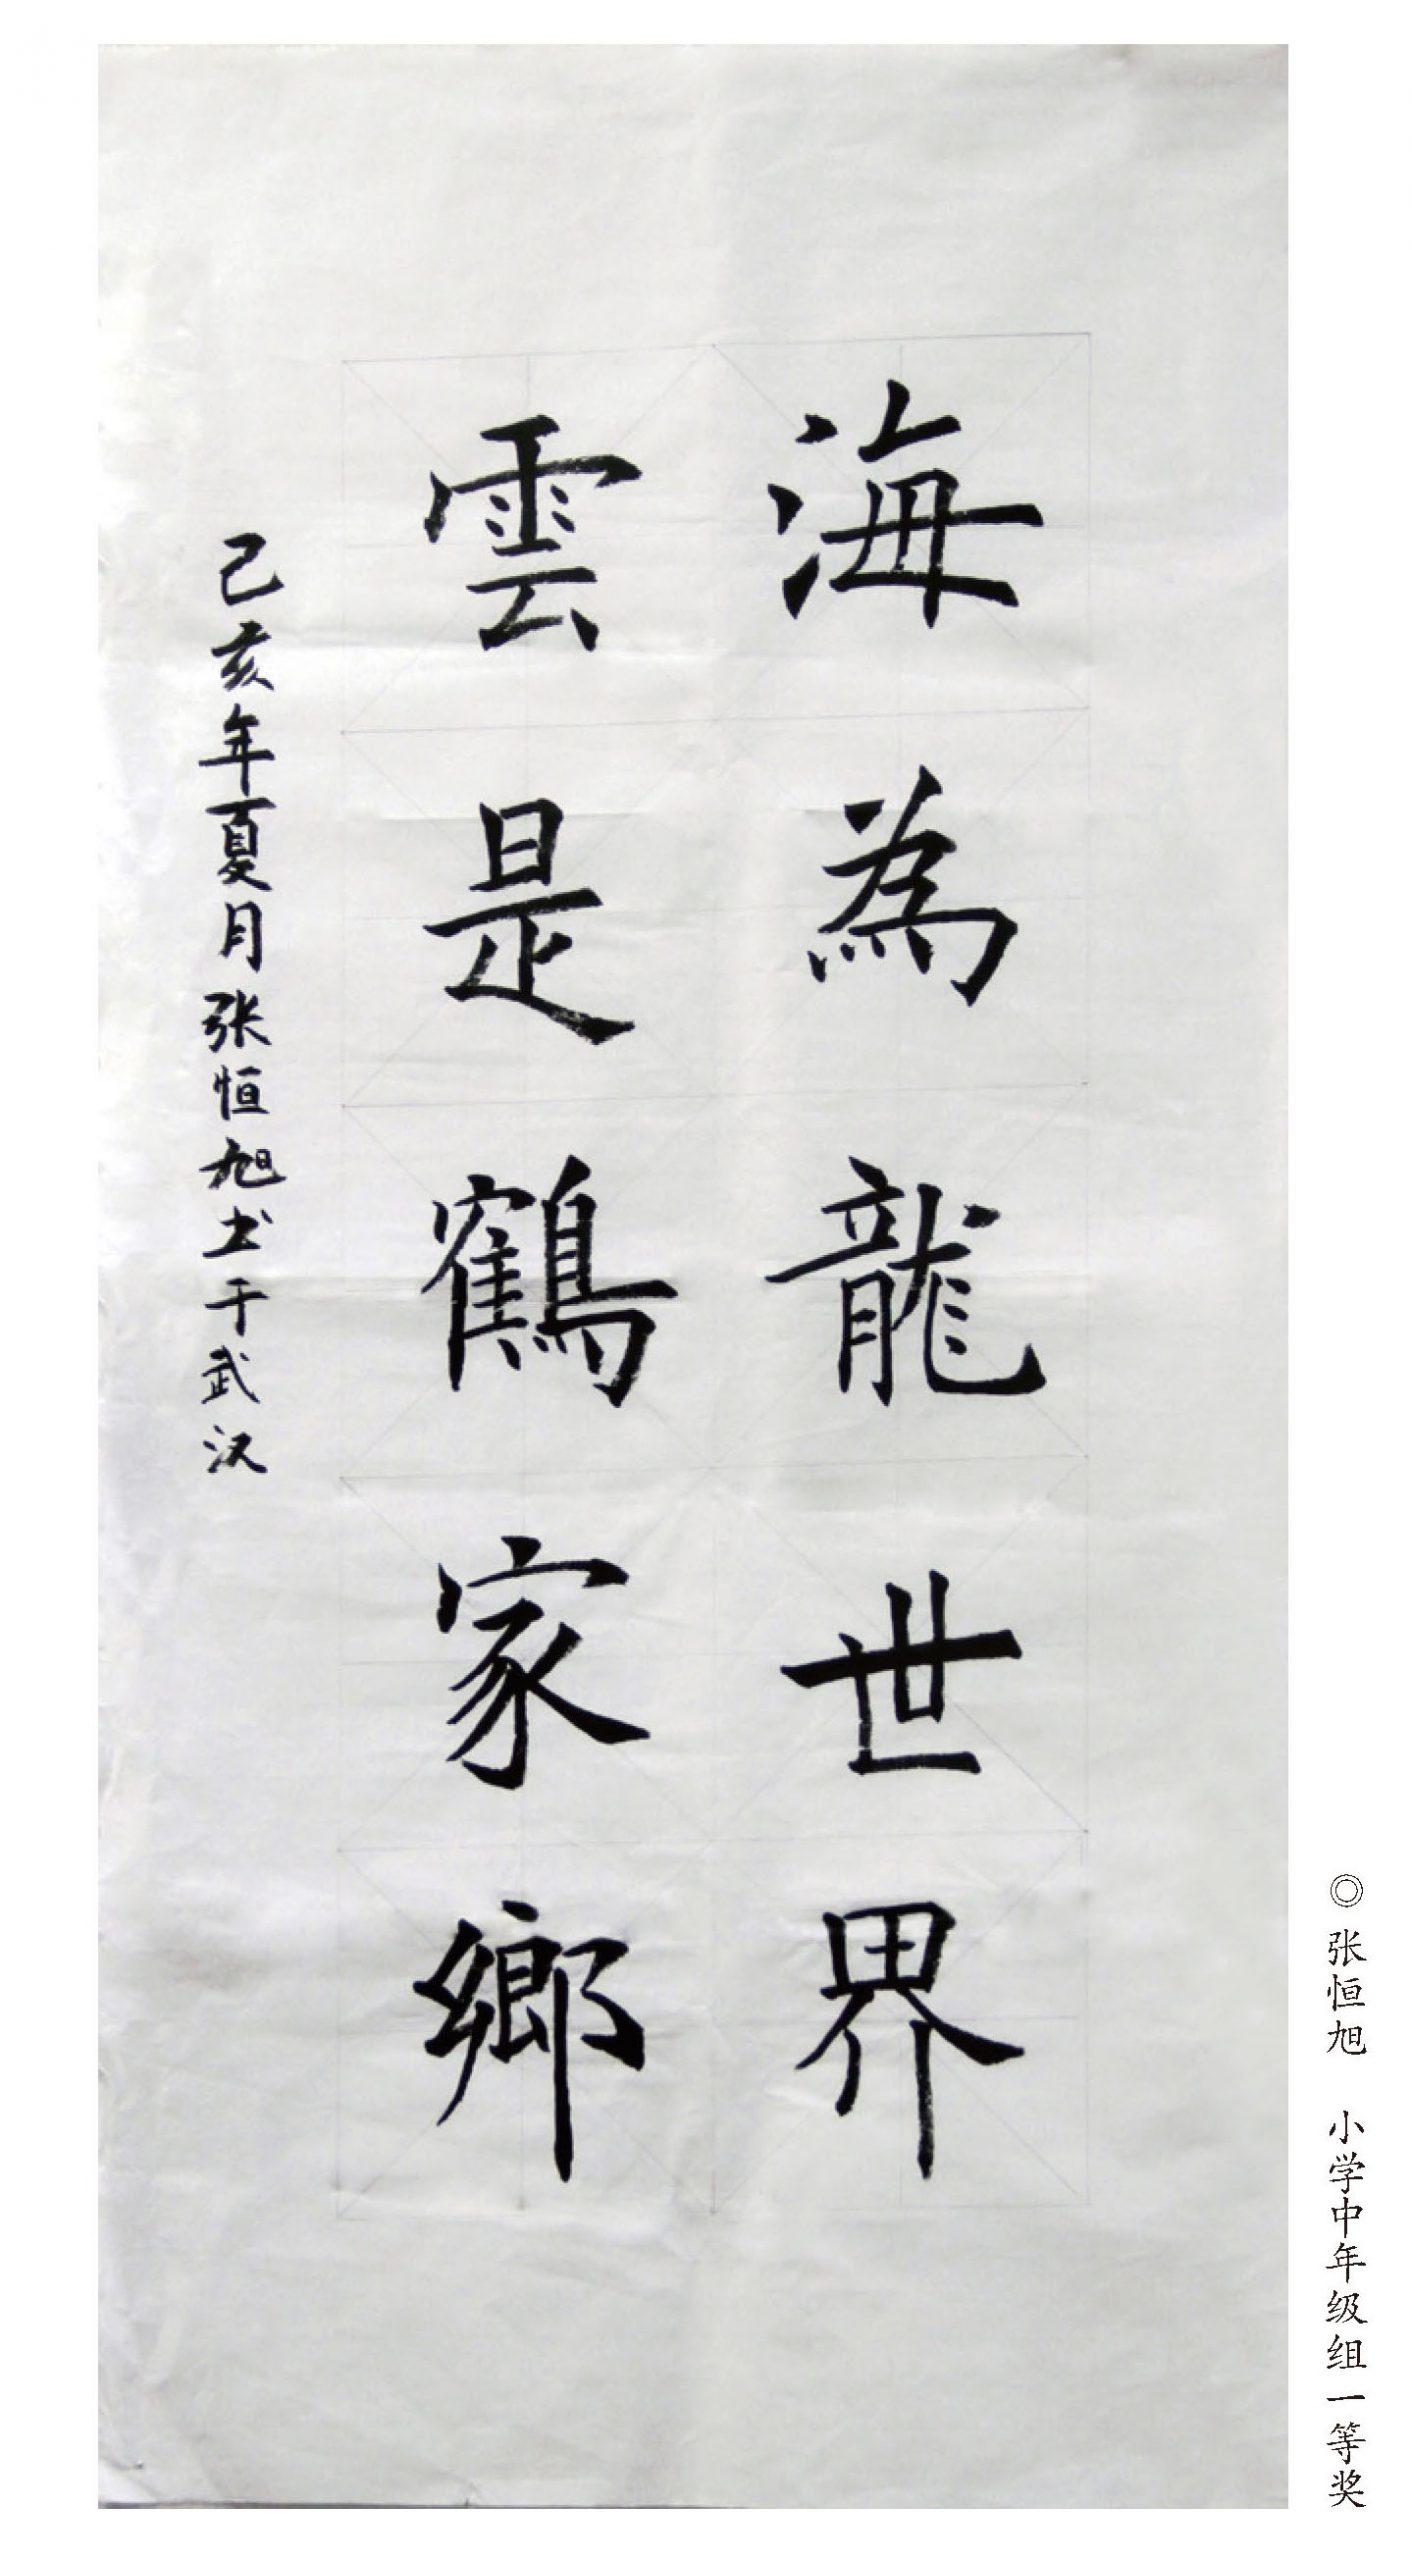 张恒旭 小中组软笔一等奖